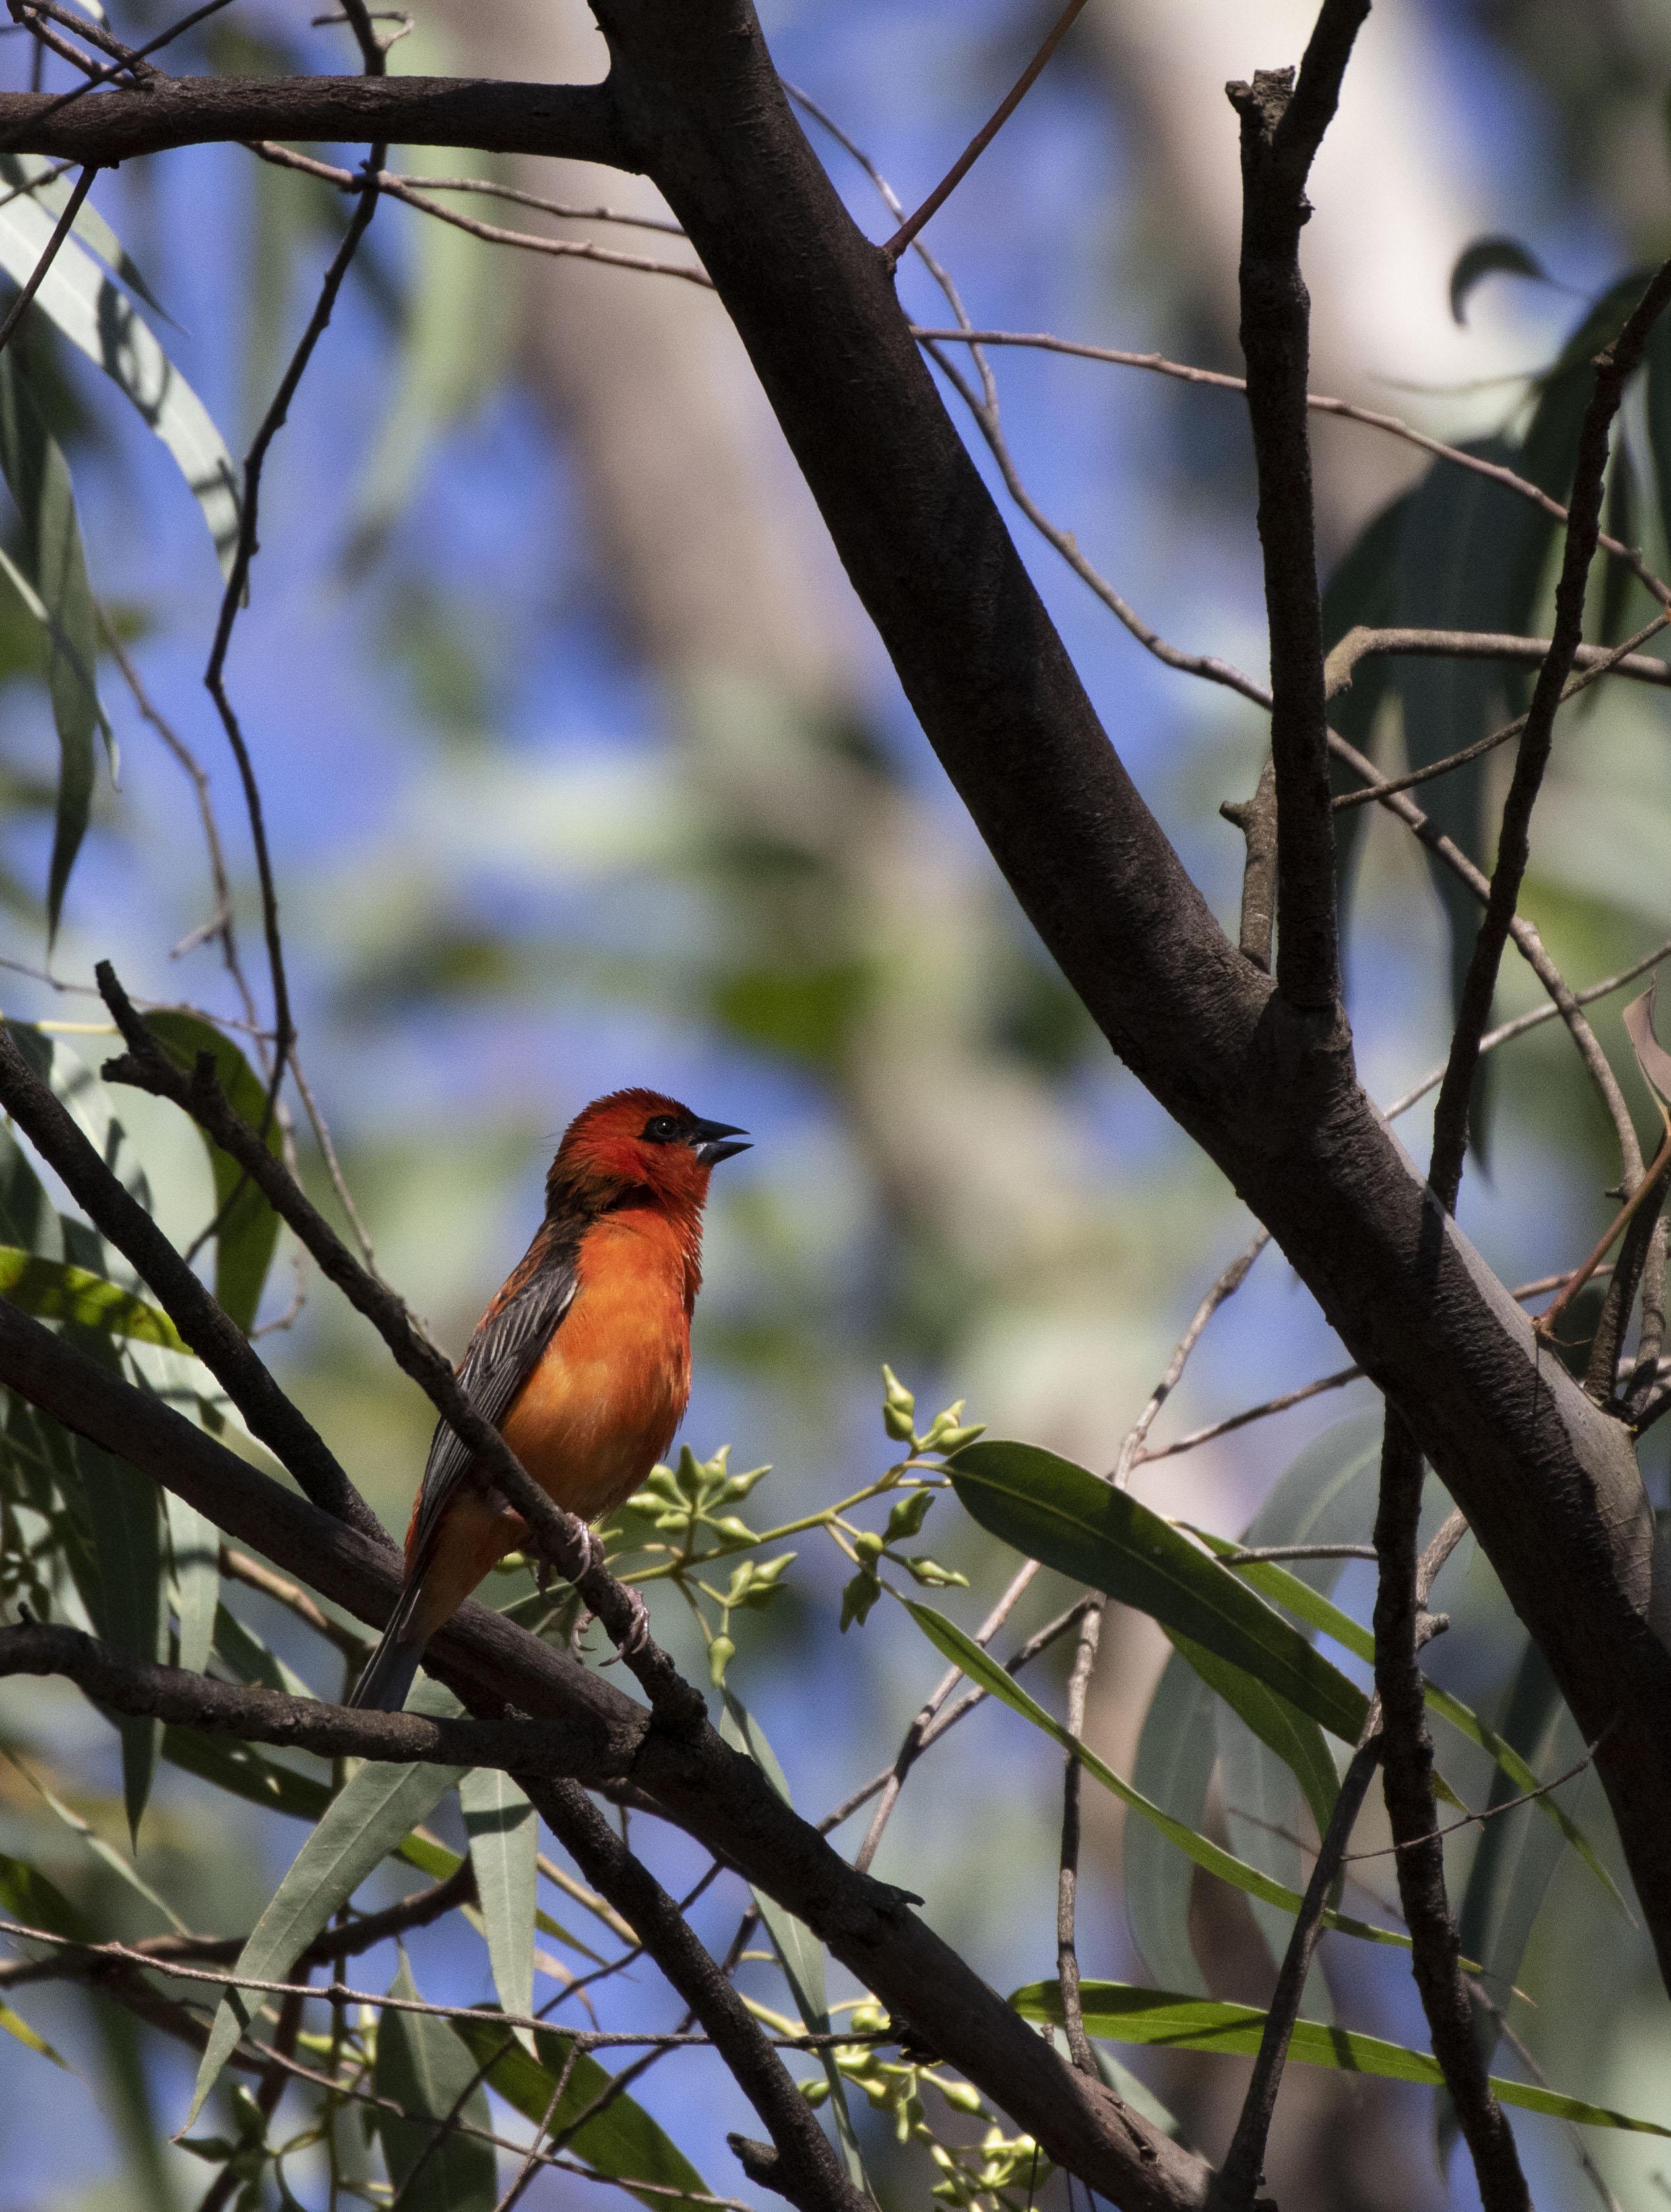 Madagascar Cardinal